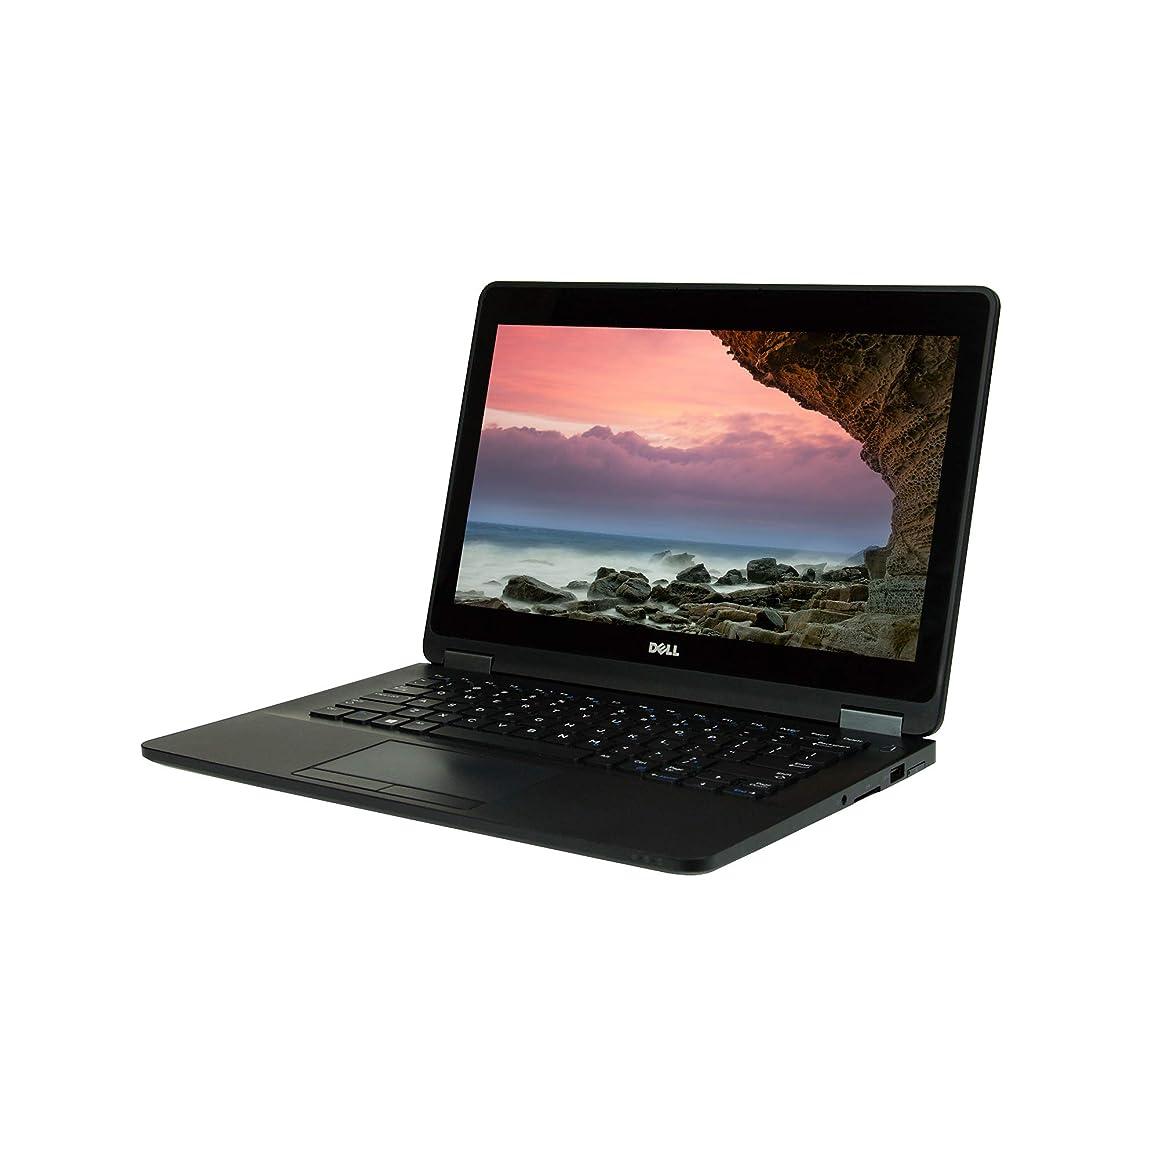 Dell Latitude E7270 12.5